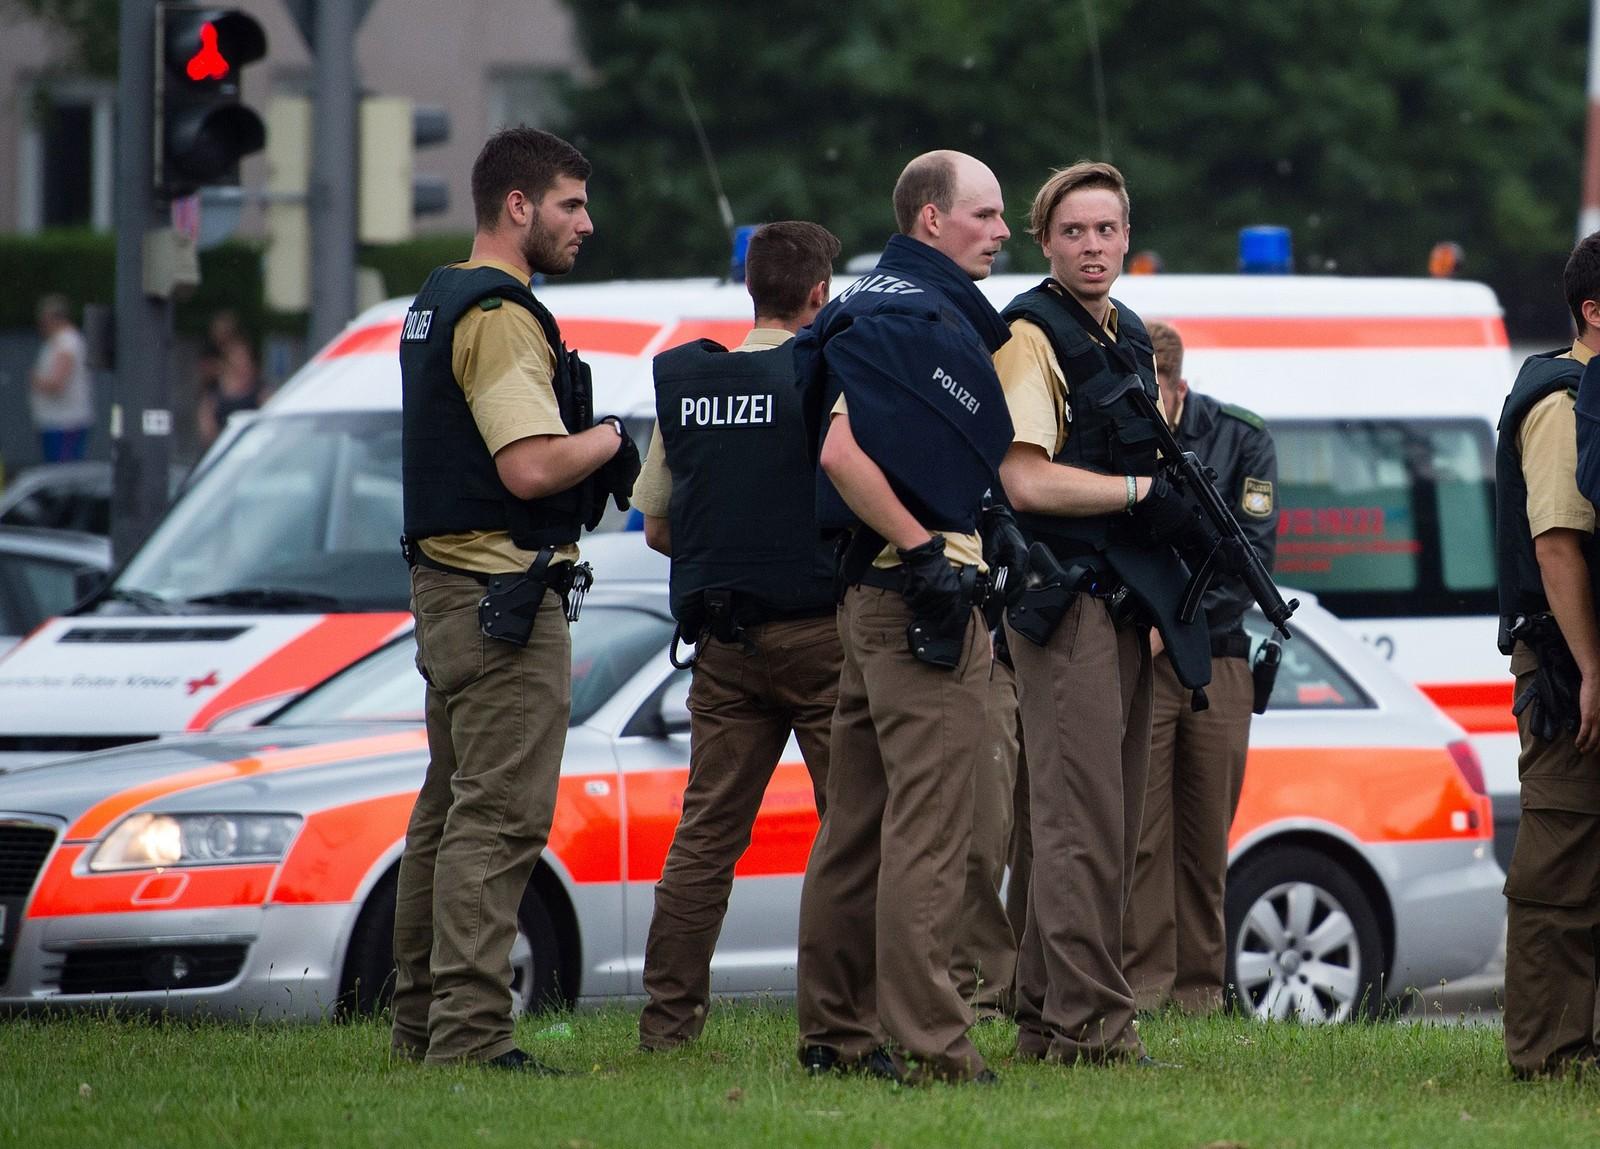 TUNGT BEVÆPNET: Tungt bevæpnet politi gjennomsøker kjøpesenteret etter at en person begynte å skyte inne på kjøpesenteret fredag kveld